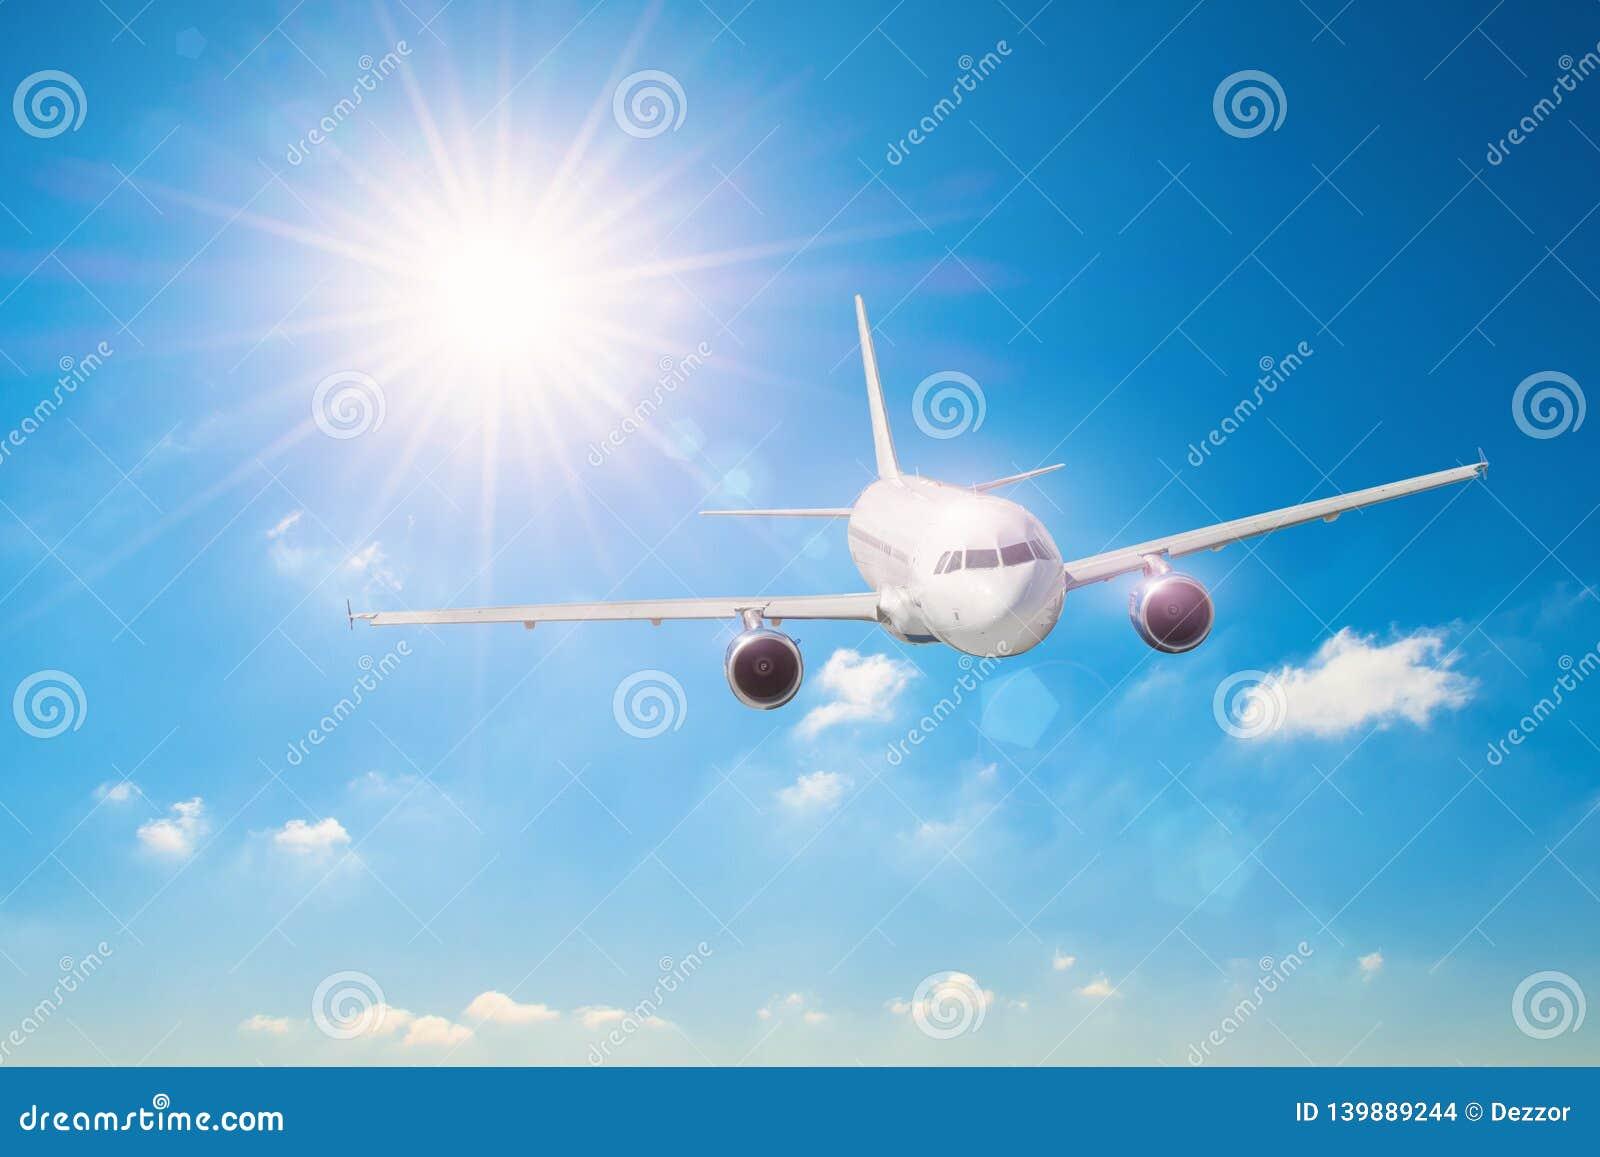 Sun mit hellen Strahlen im blauen Himmel mit weißen hellen Wolken, fliegendes Flugzeug, das im Urlaub reist